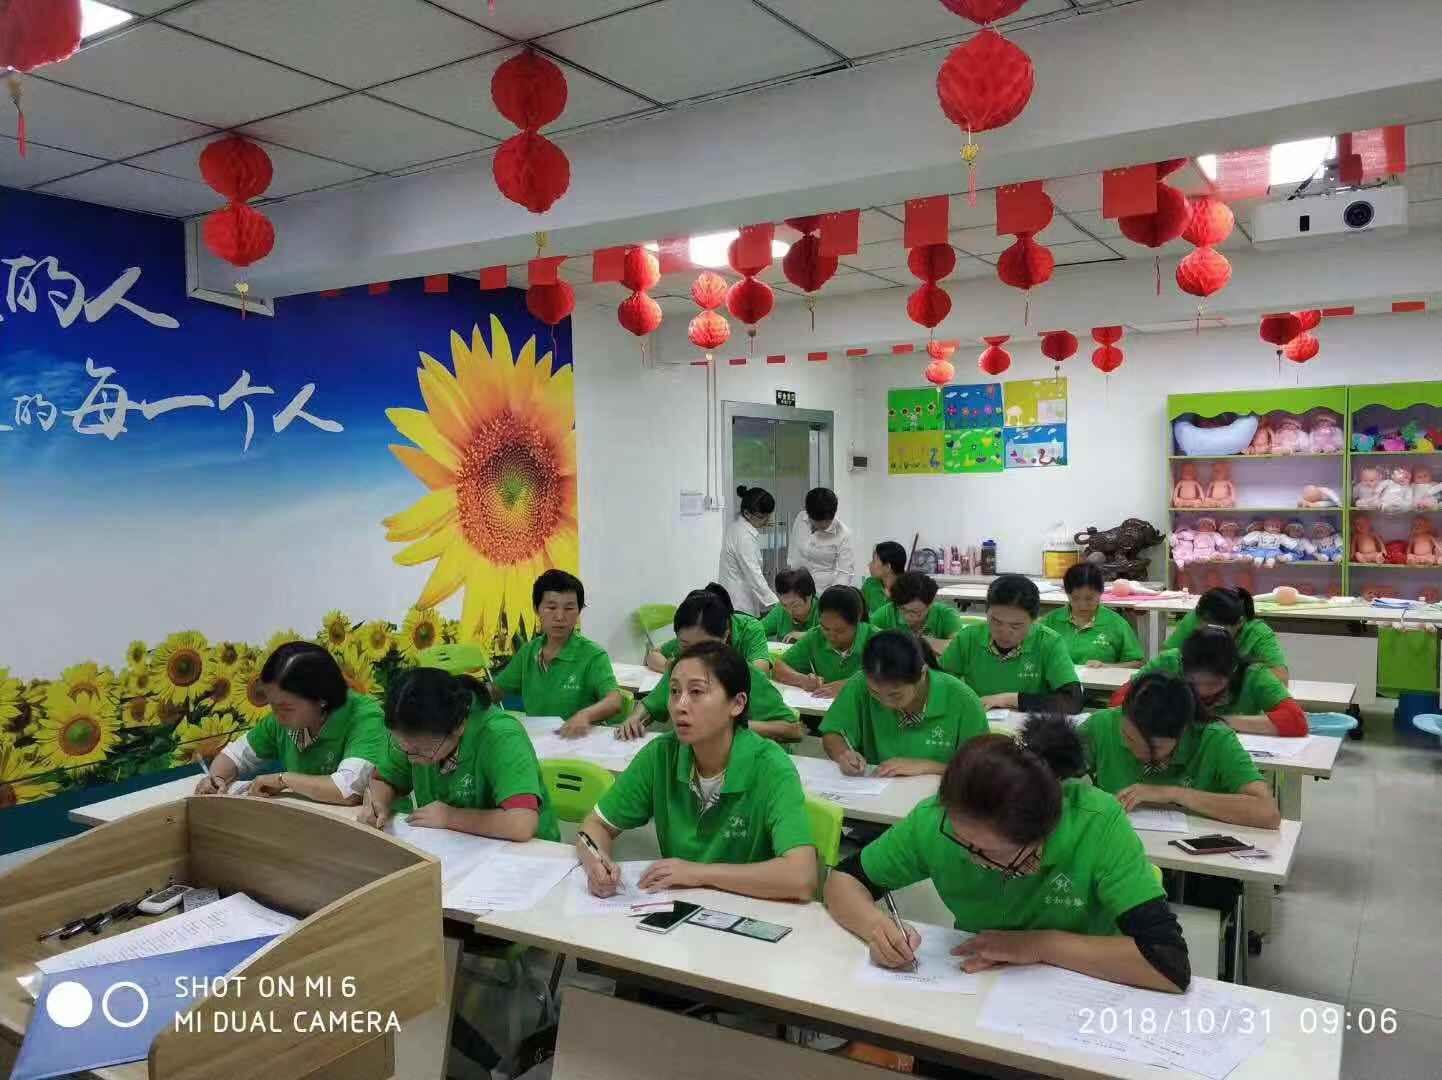 深圳龙岗家政流程按规范签订合同 君和家政体验最规范合作